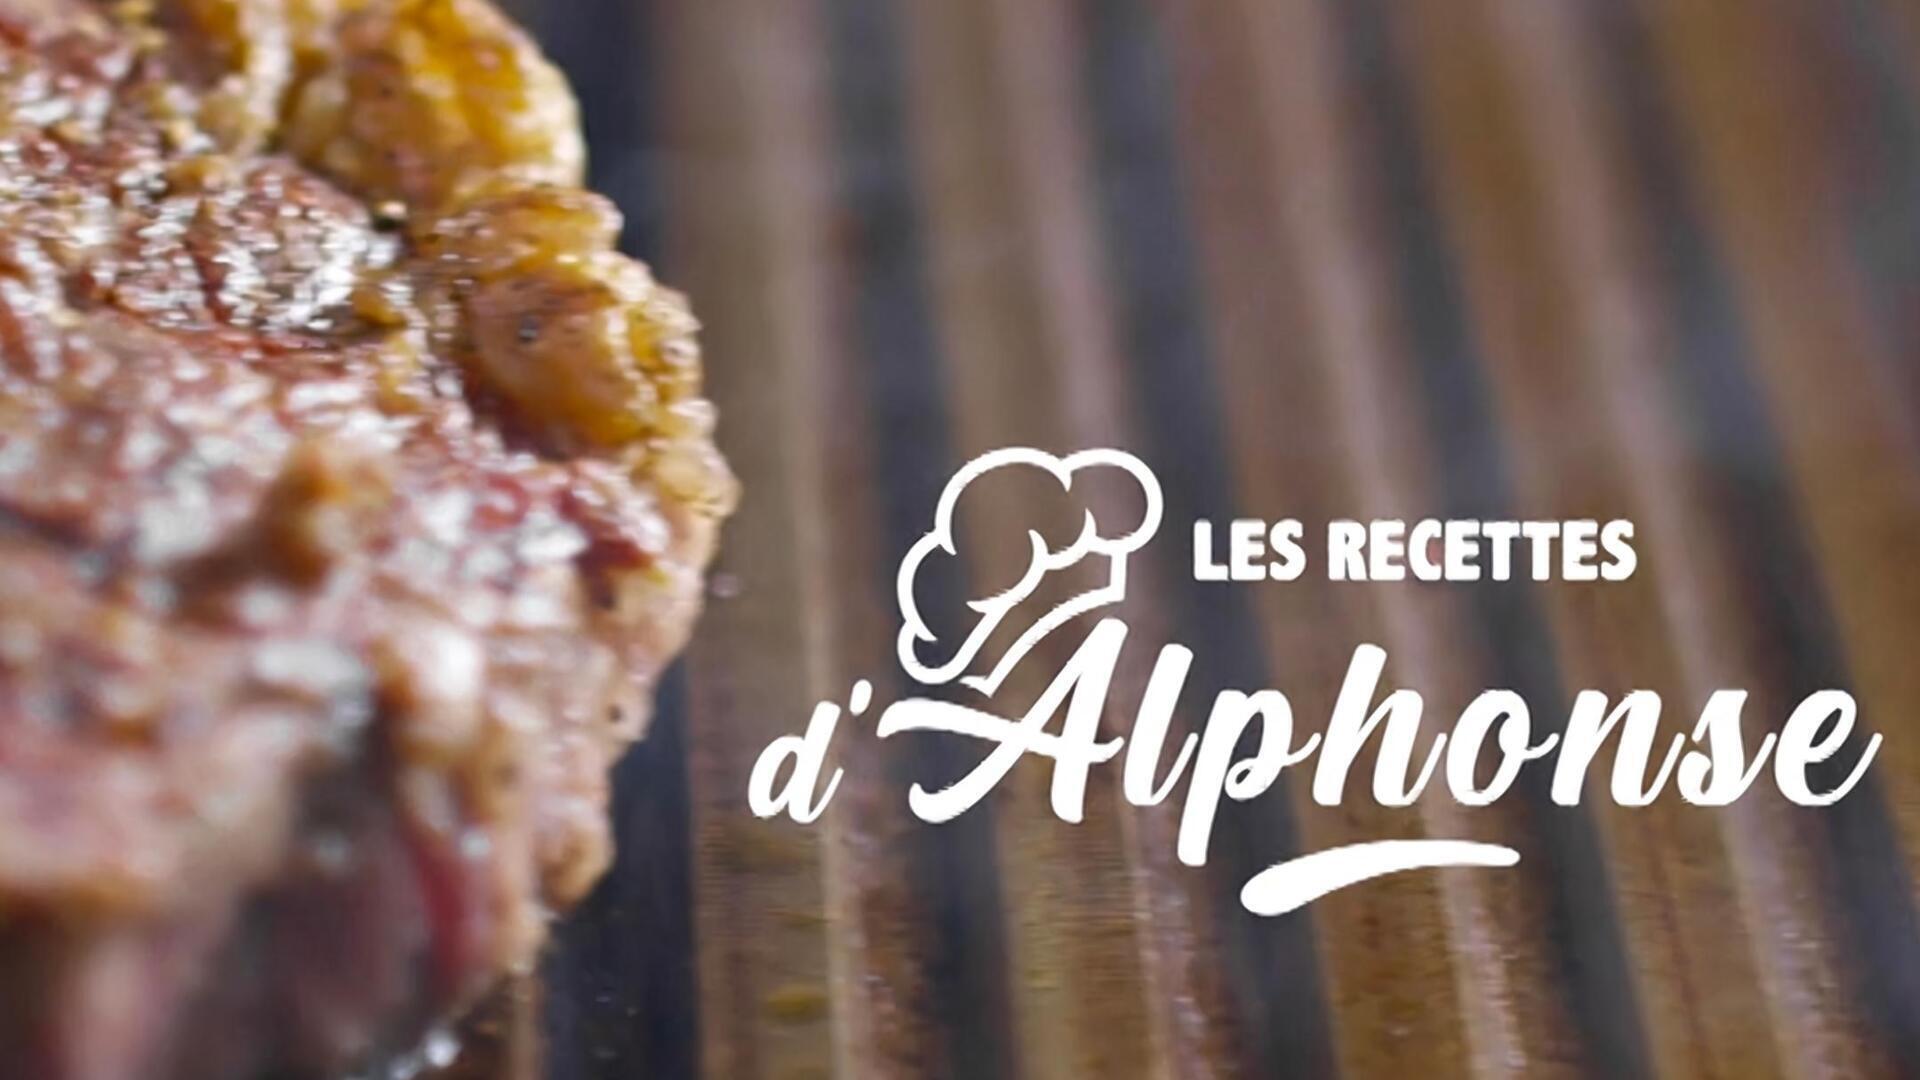 Recettes d'Alphonse : Panna cotta au bahac